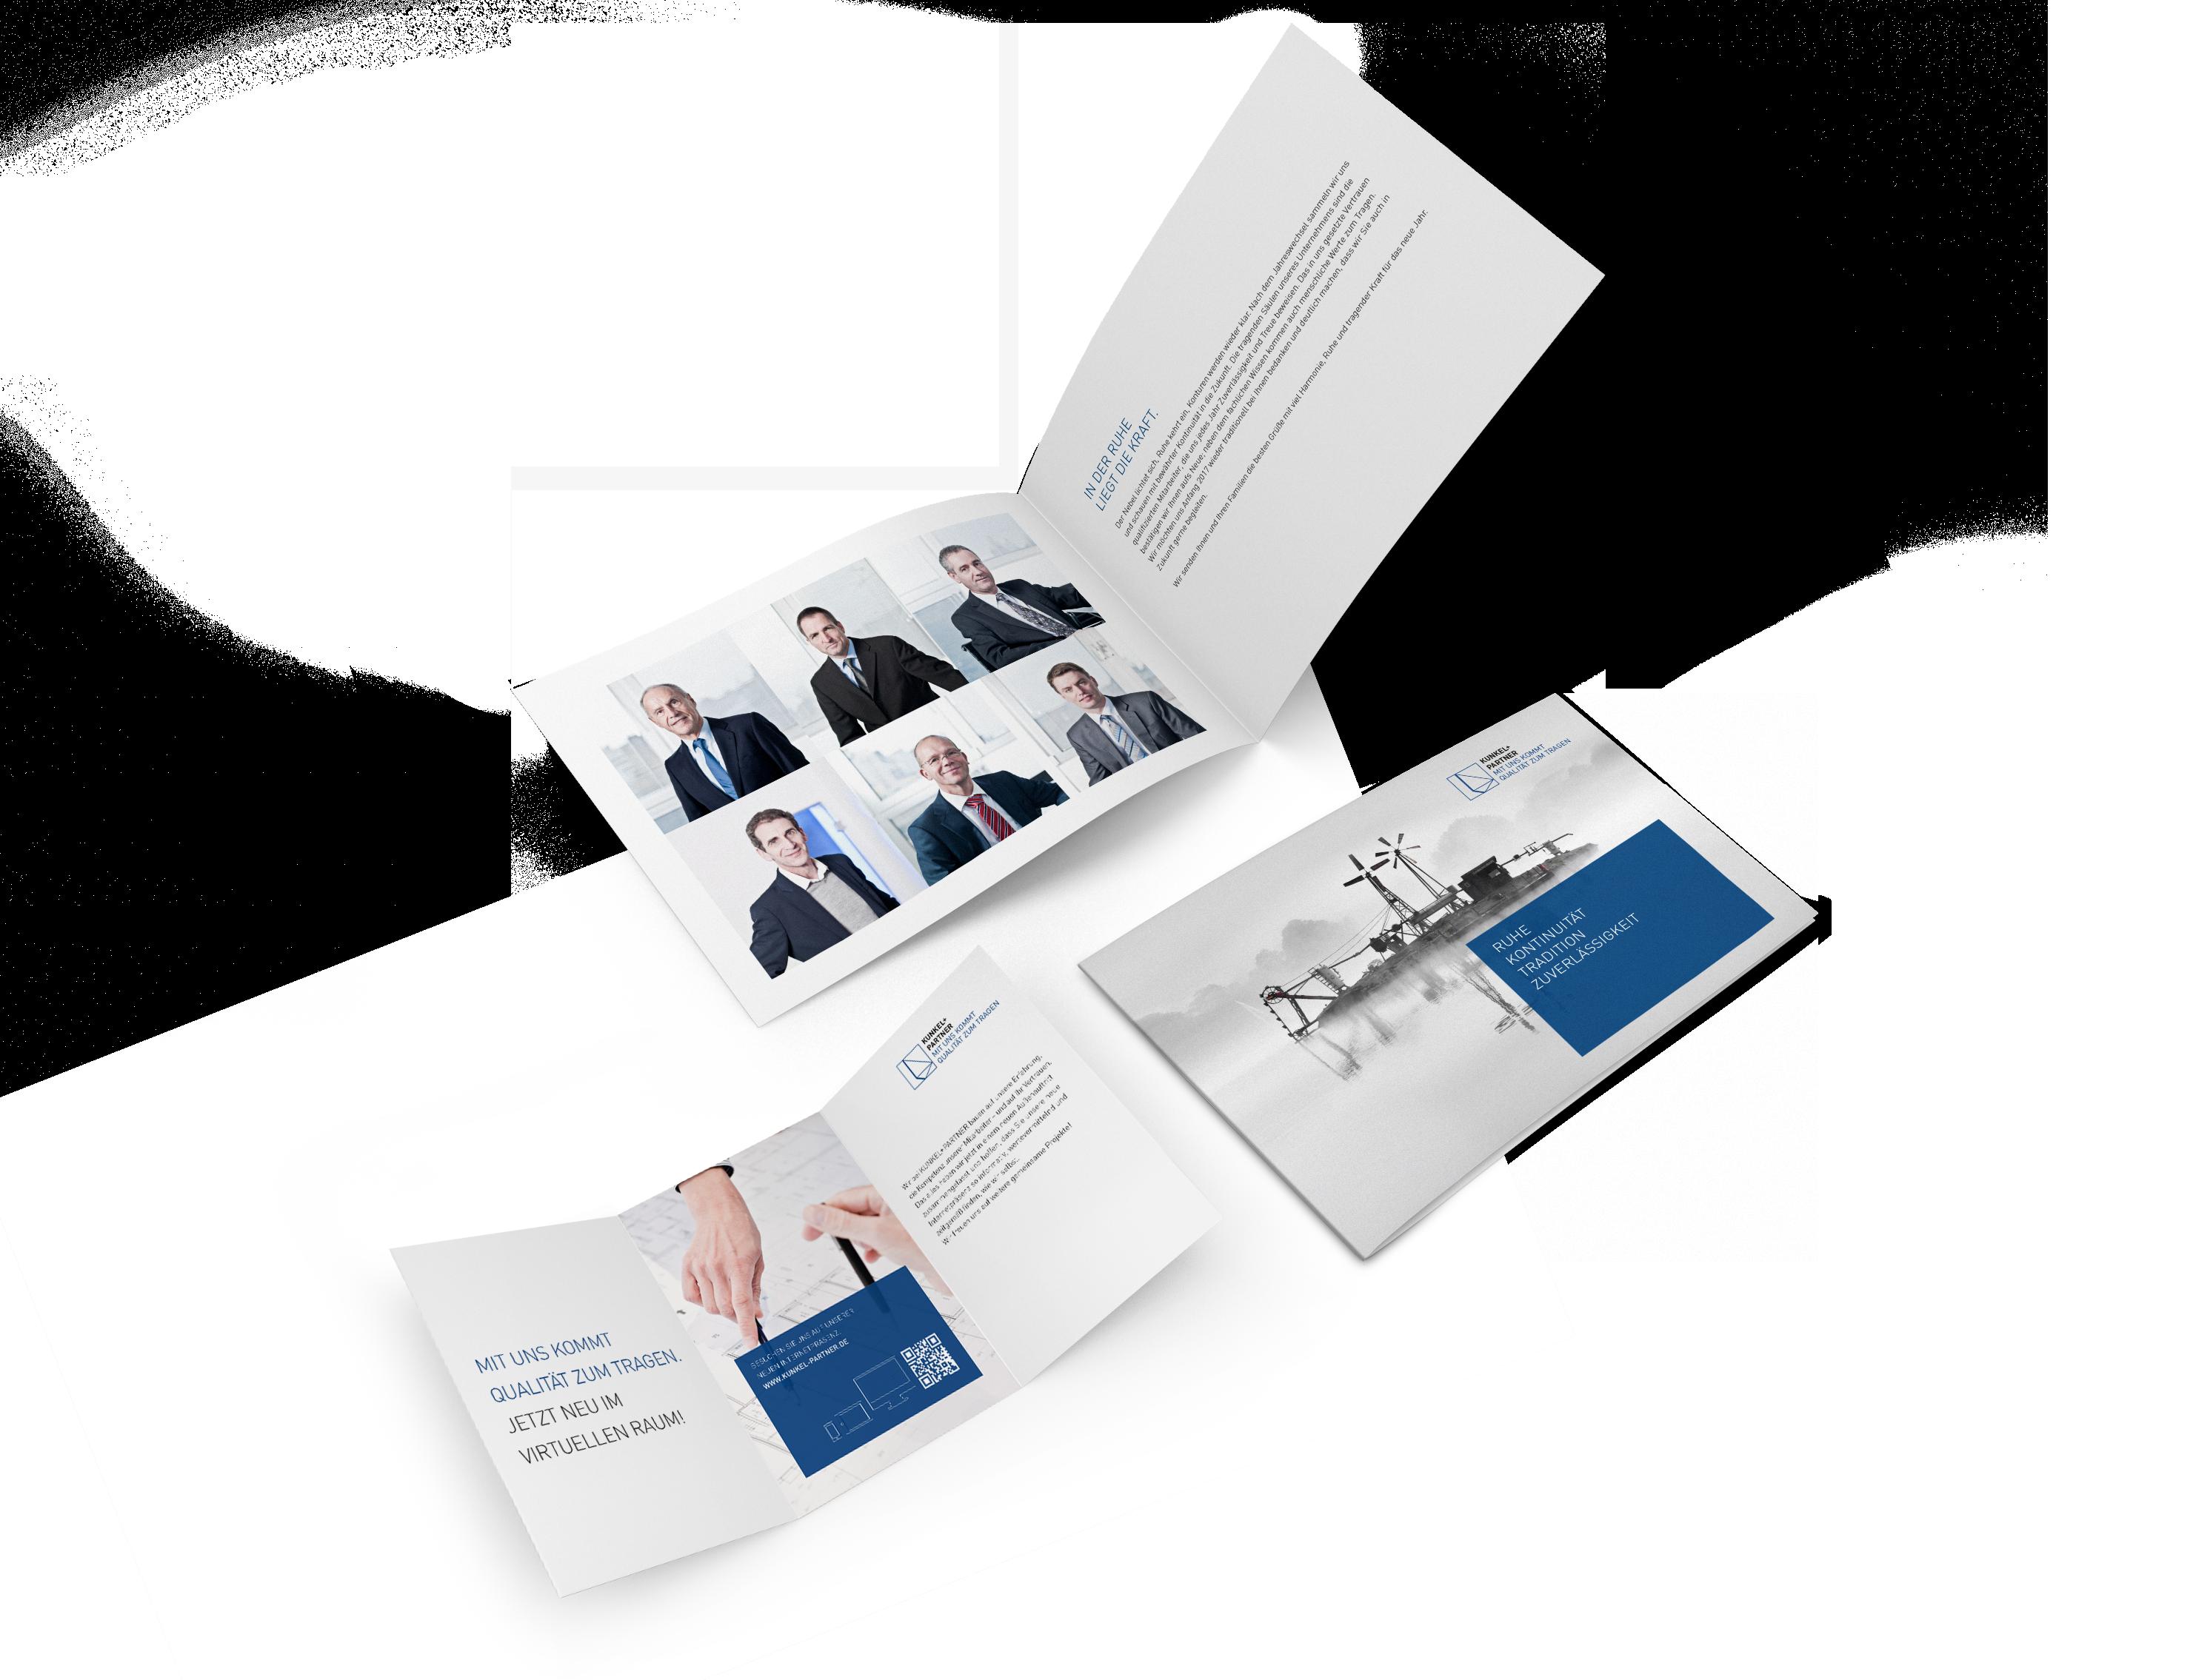 Printmedien | Corporate Design Kunkel + Partner – ZWEIPRO Werbeagentur für Ingenieure